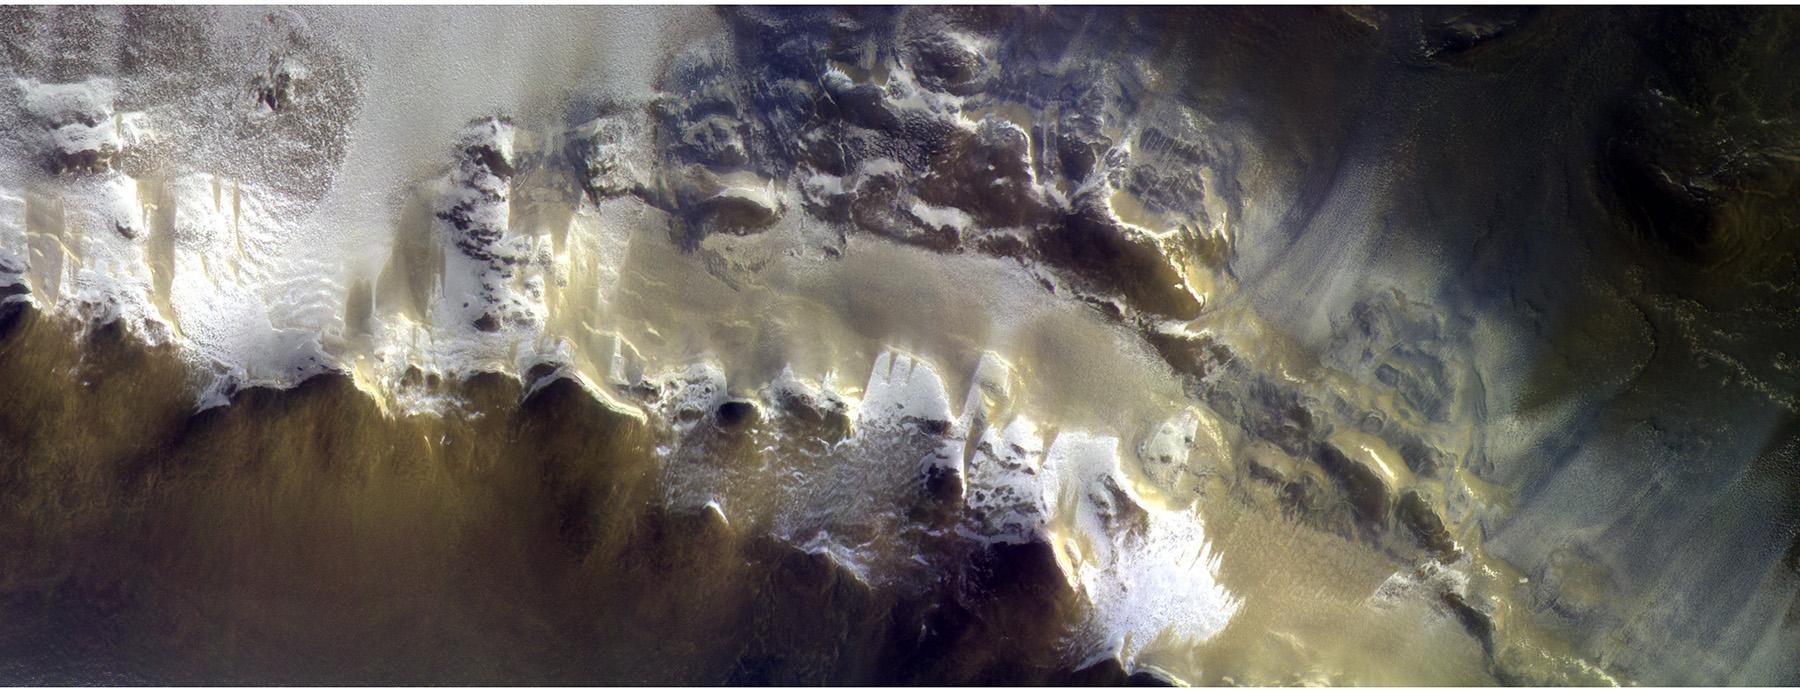 Aufnahme vom Rand des Korolev-Kraters (165,9 E, 73,3 N) bei 5,08 m/px mit einer Bahngeschwindigkeit von 2,90 km/s. Der Sonneneinfallswinkel betrug 76,6 Grad bei einer lokalen Sonnenzeit von 07:14:11. © ESA / Roscosmos / CaSSIS